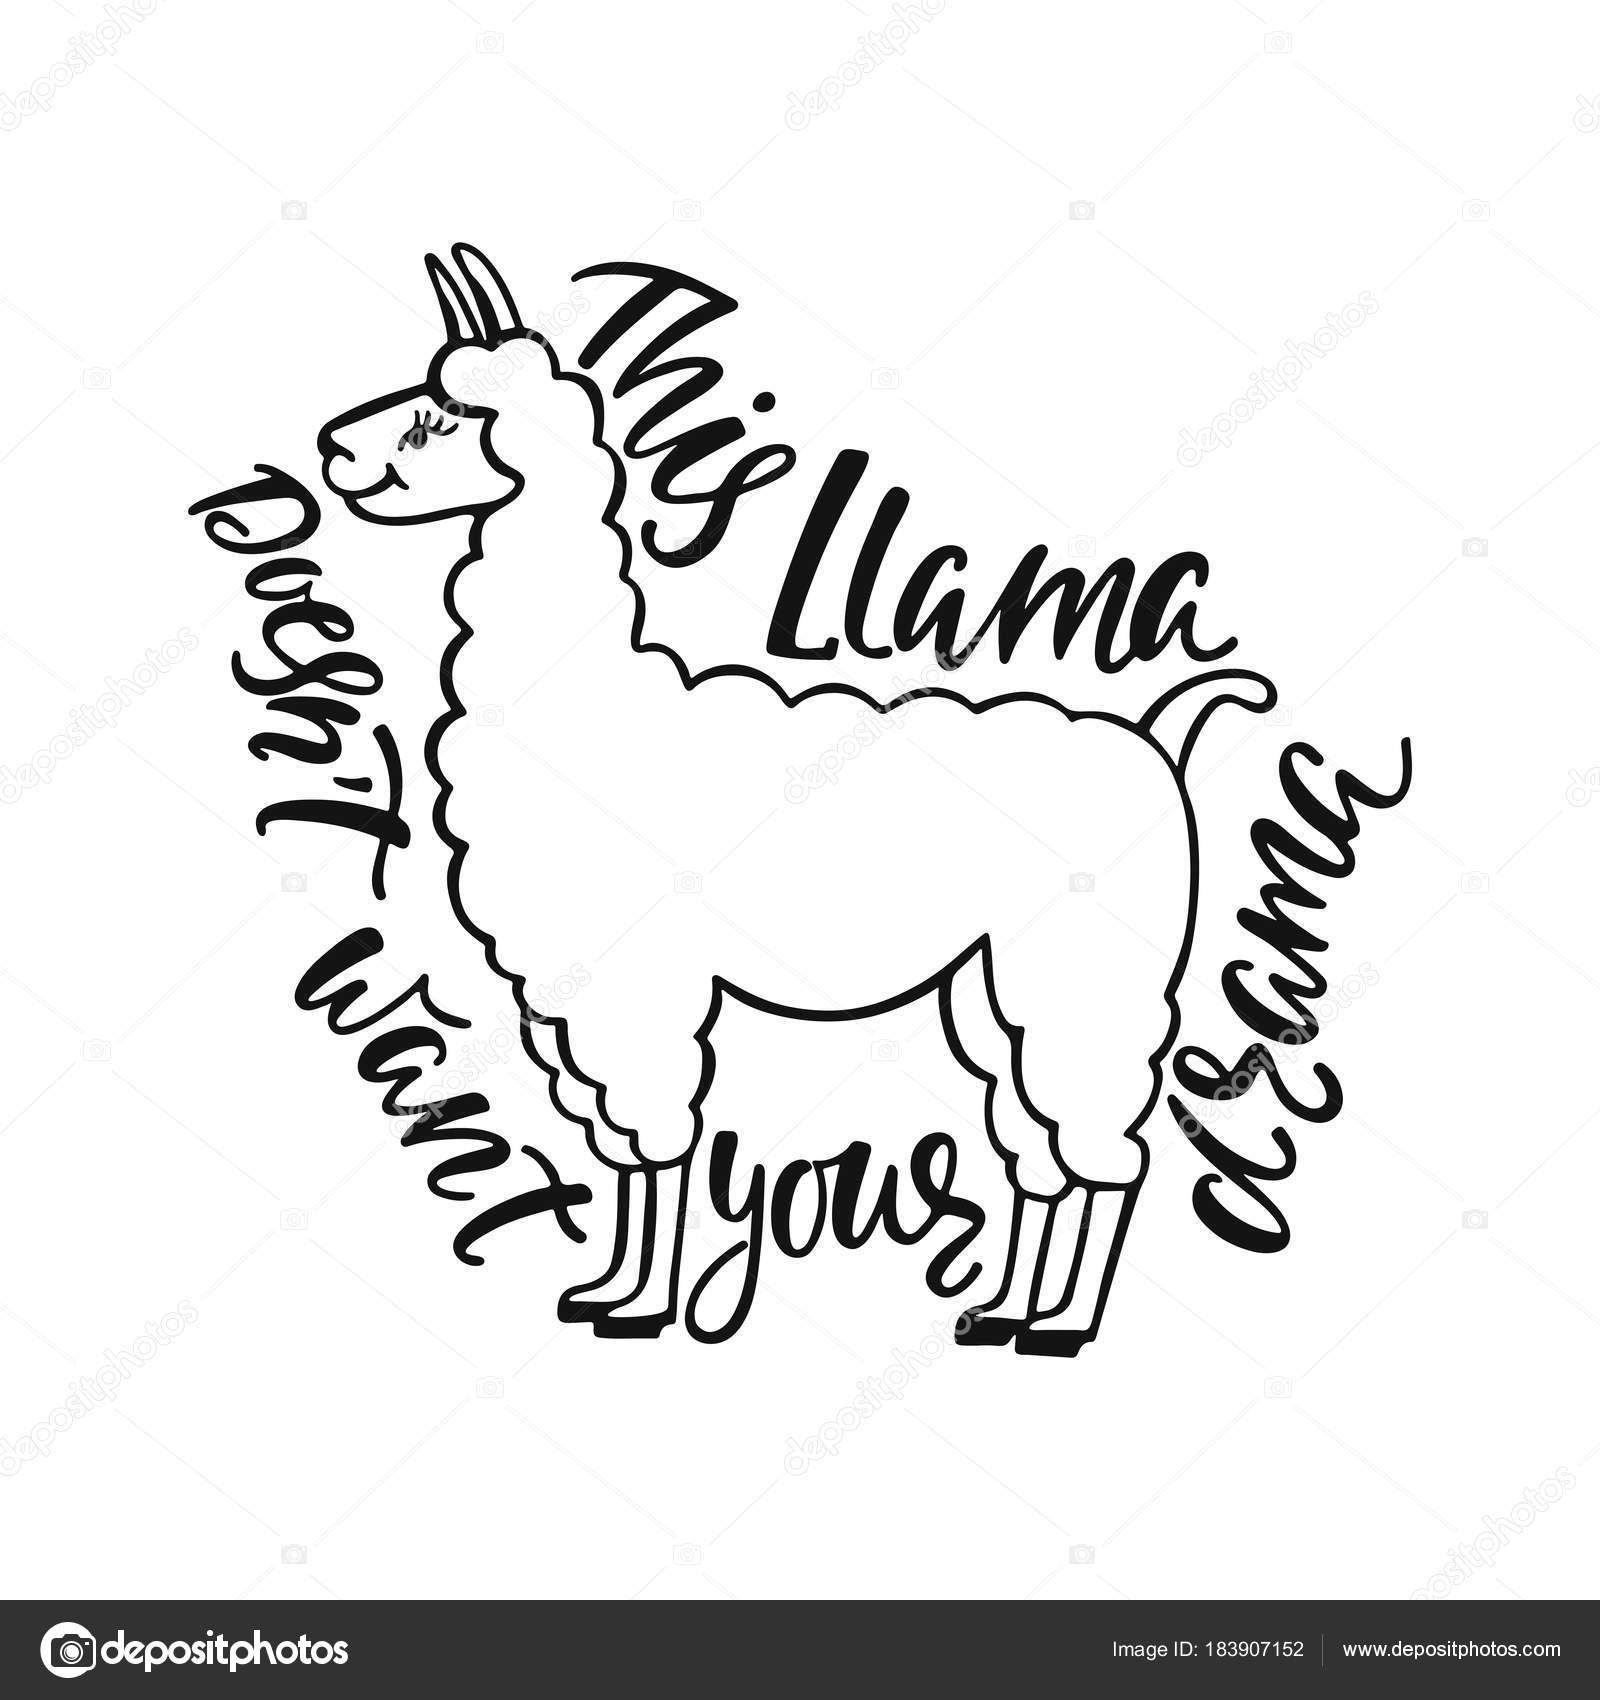 Dieses Lama Will Nicht Ihr Drama Hand Inspirieren Lassen Zitat über